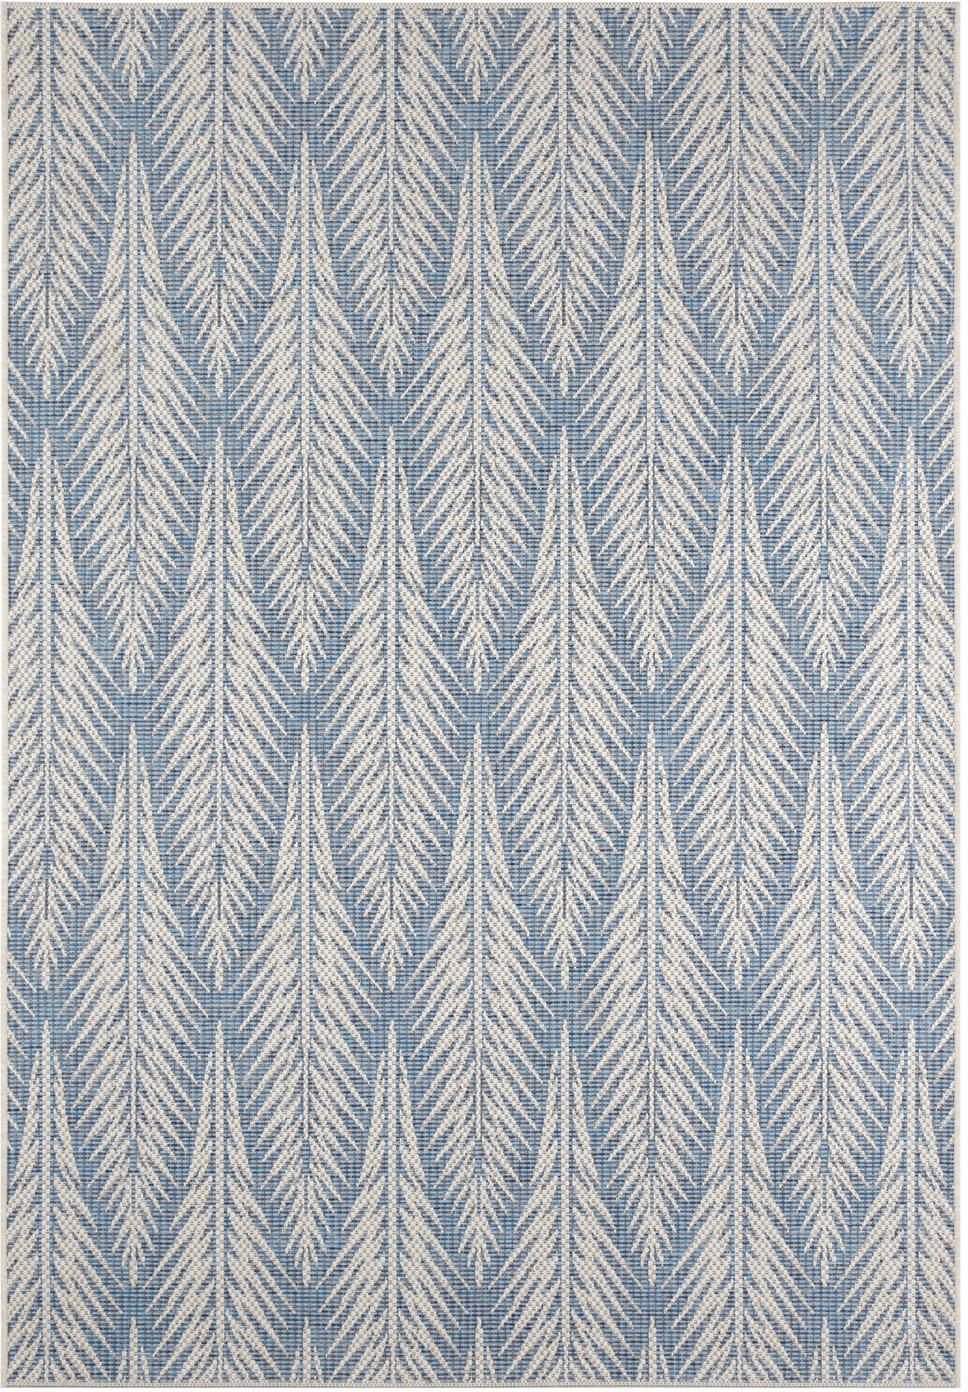 Design In- & Outdoor-Teppich Pella mit grafischem Muster, 100% Polypropylen, Blau, Beige, B 140 x L 200 cm (Größe S)